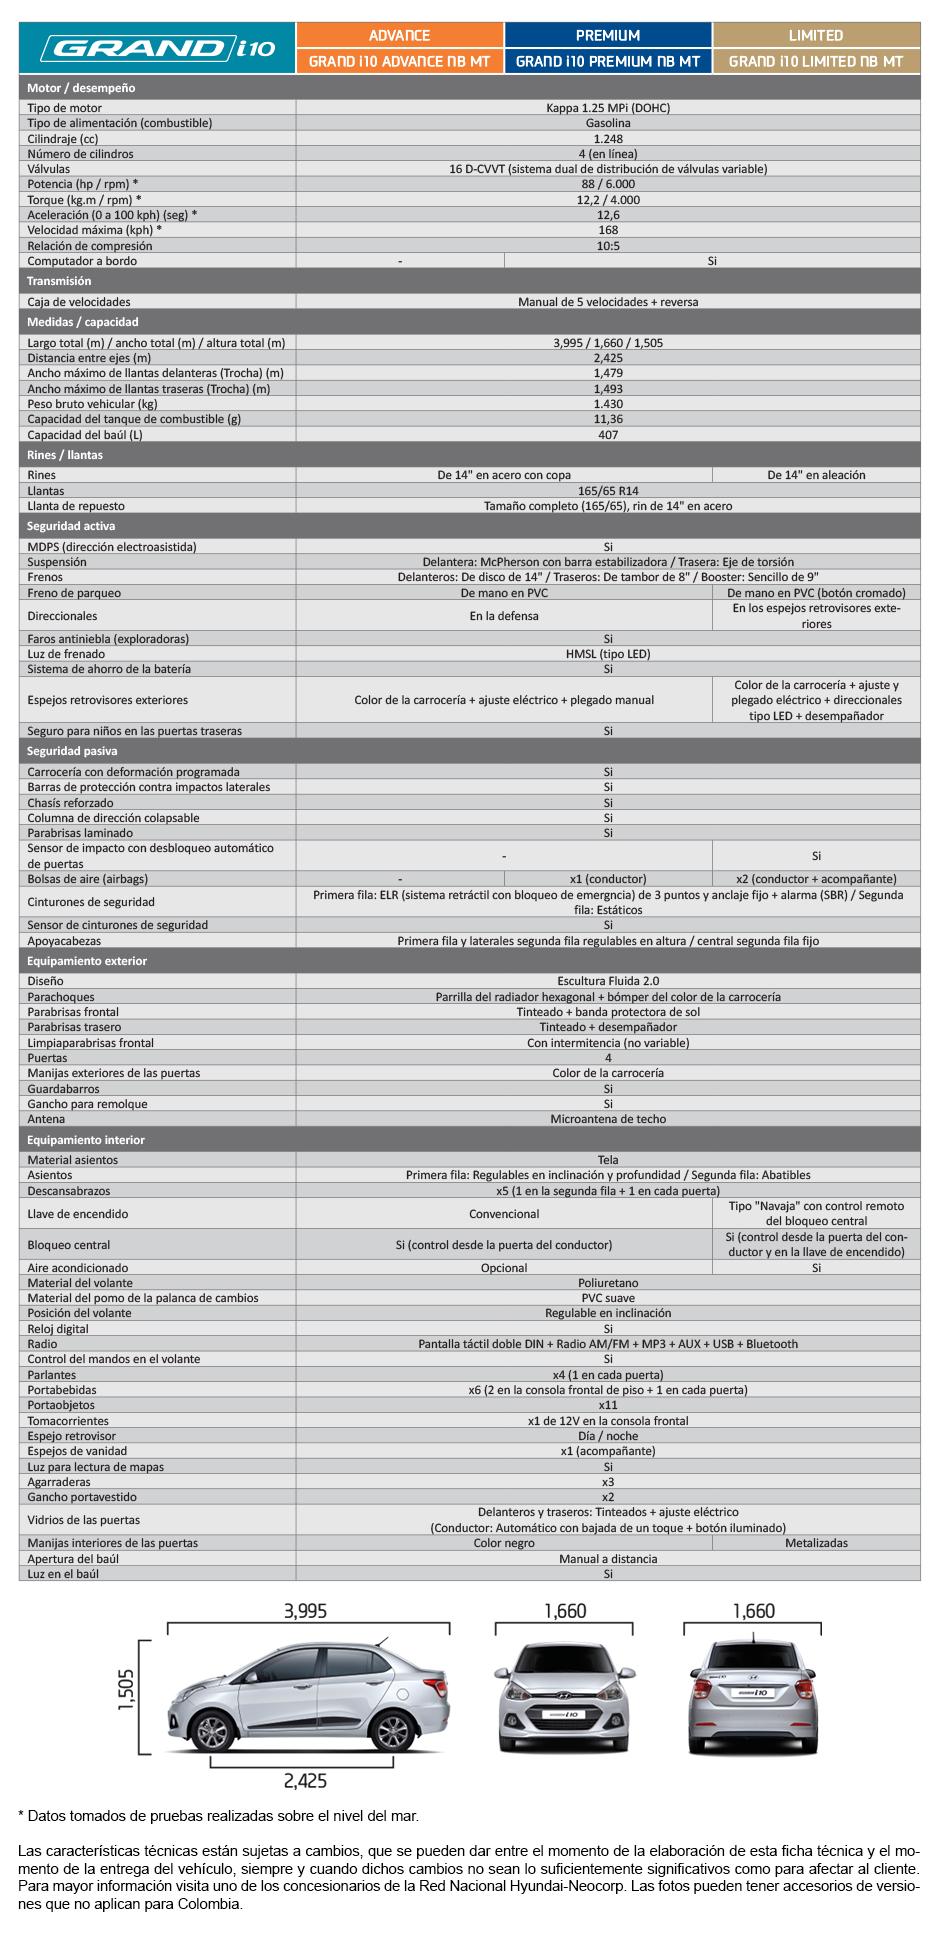 ficha t u00e9cnica hyundai grand i10 sedan precios  fichas t u00e9cnicas y consulta de tr u00e1mites de manual propietario hyundai i10 2013 manual usuario hyundai i10 pdf